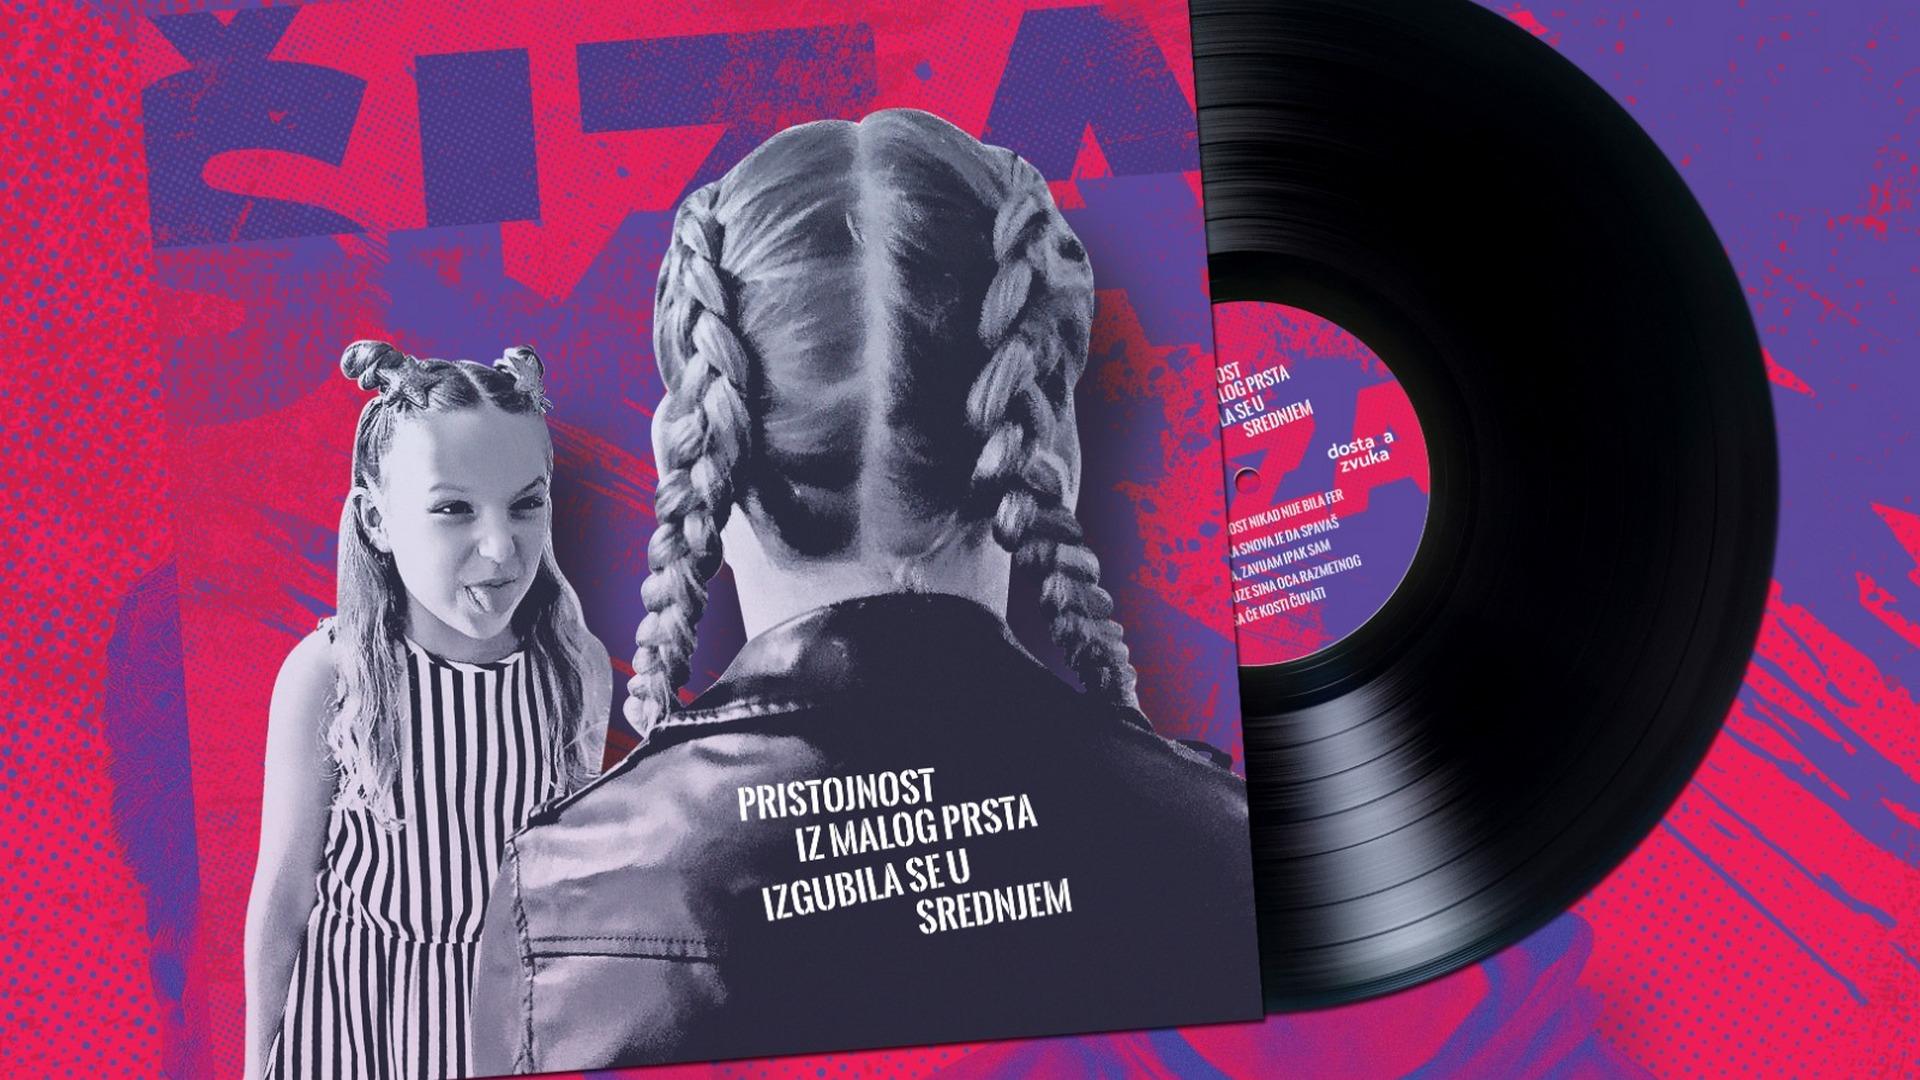 Glazbena promocija kojoj se veselimo! |  Mark Mrakovčić & Šiza